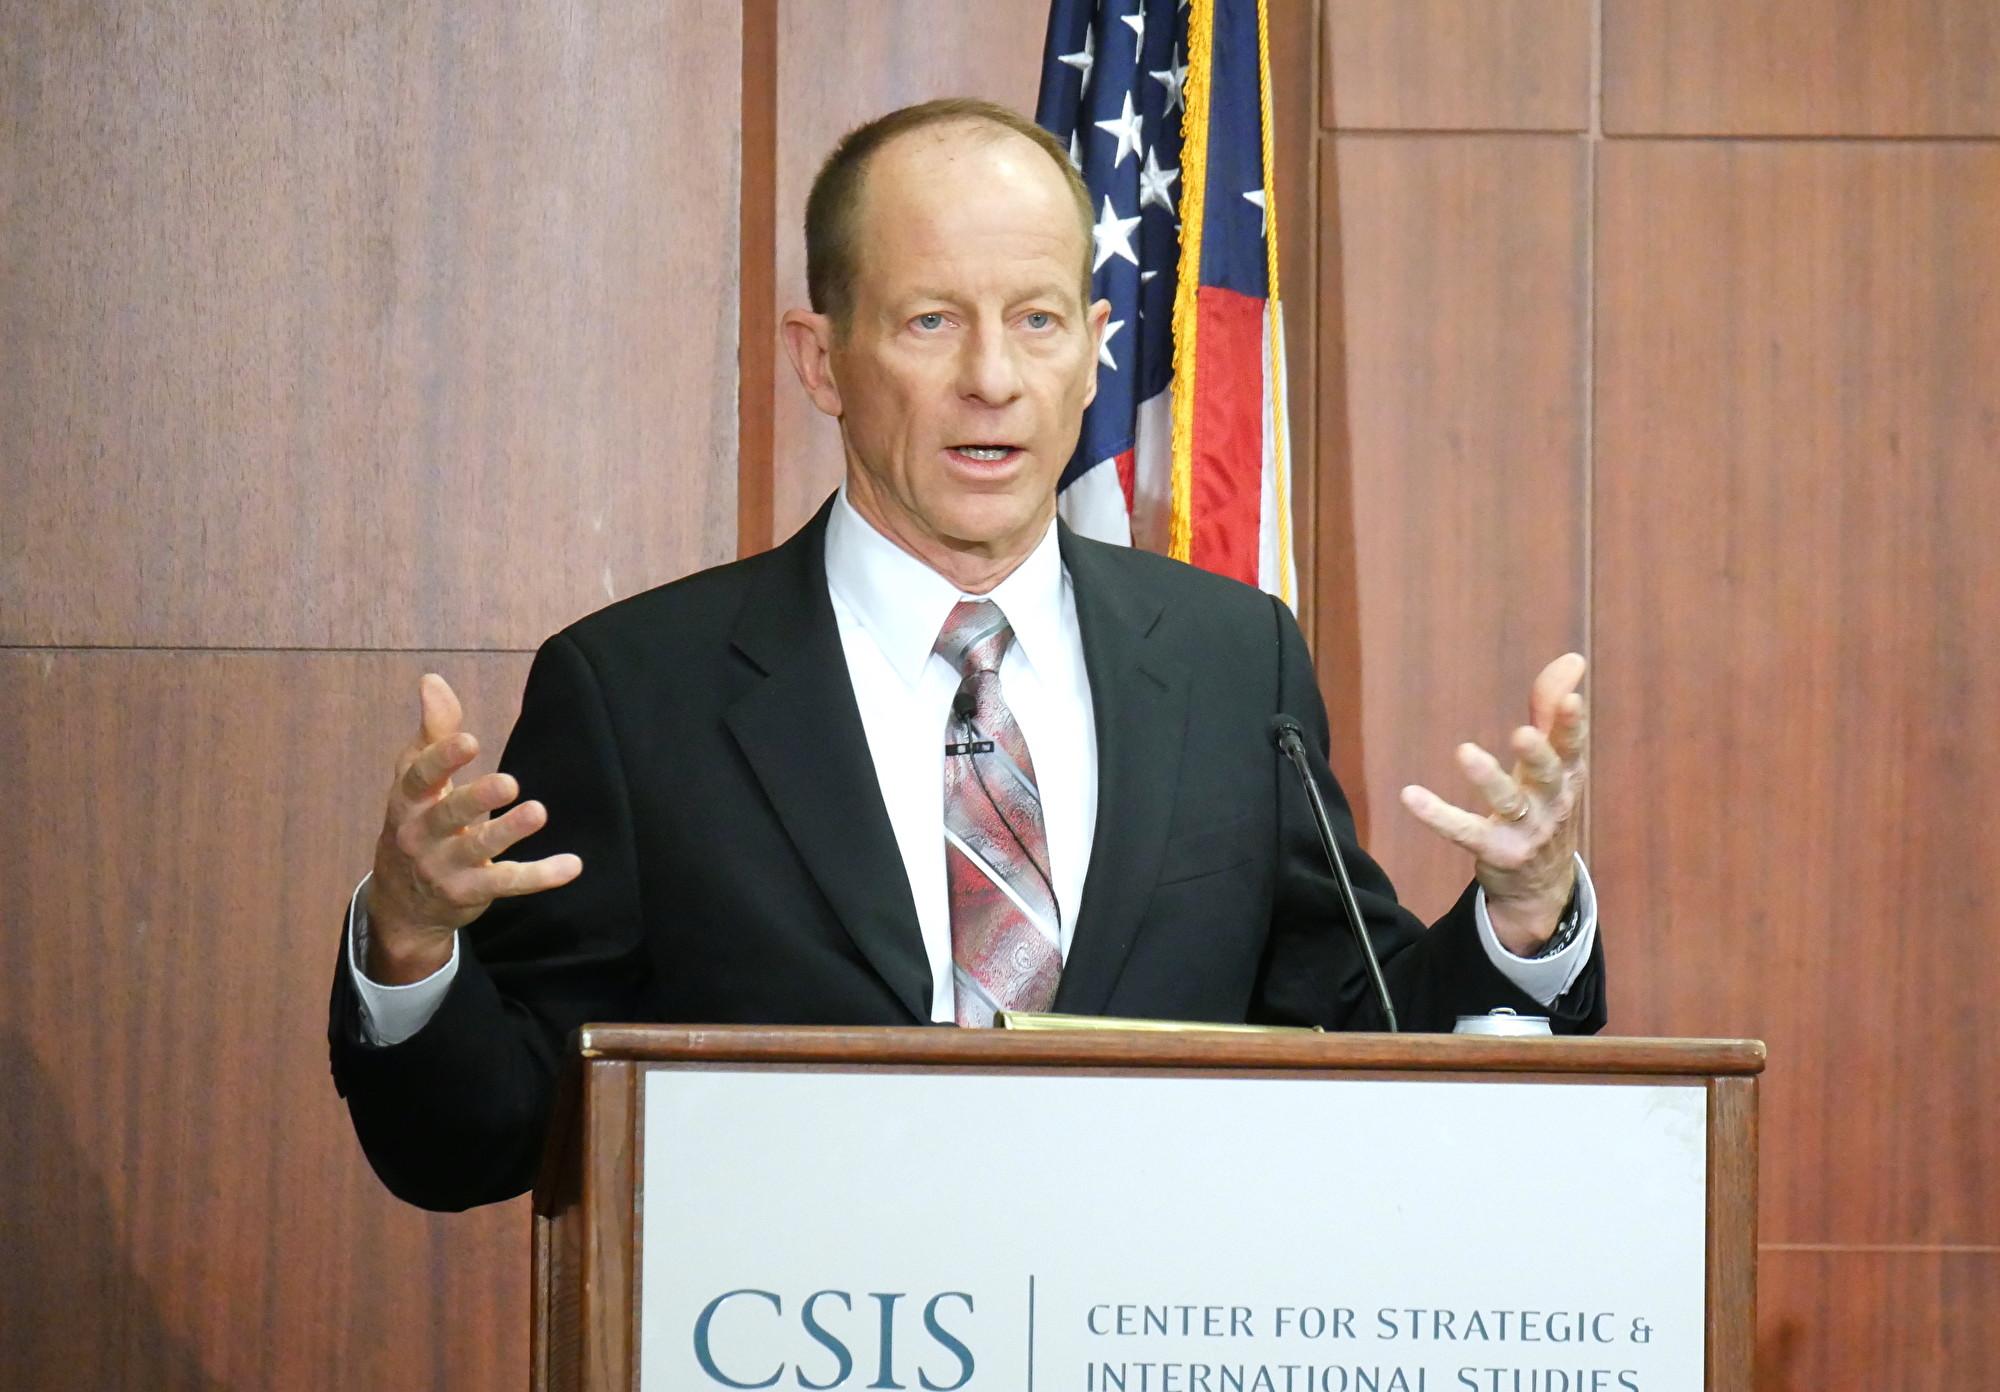 2019 年12月12日,美國國務院亞太助理國務卿史達偉(David Stilwell),在華府智庫「 戰略與國際研究中心(CSIS)」發表演講。(李辰/大紀元)